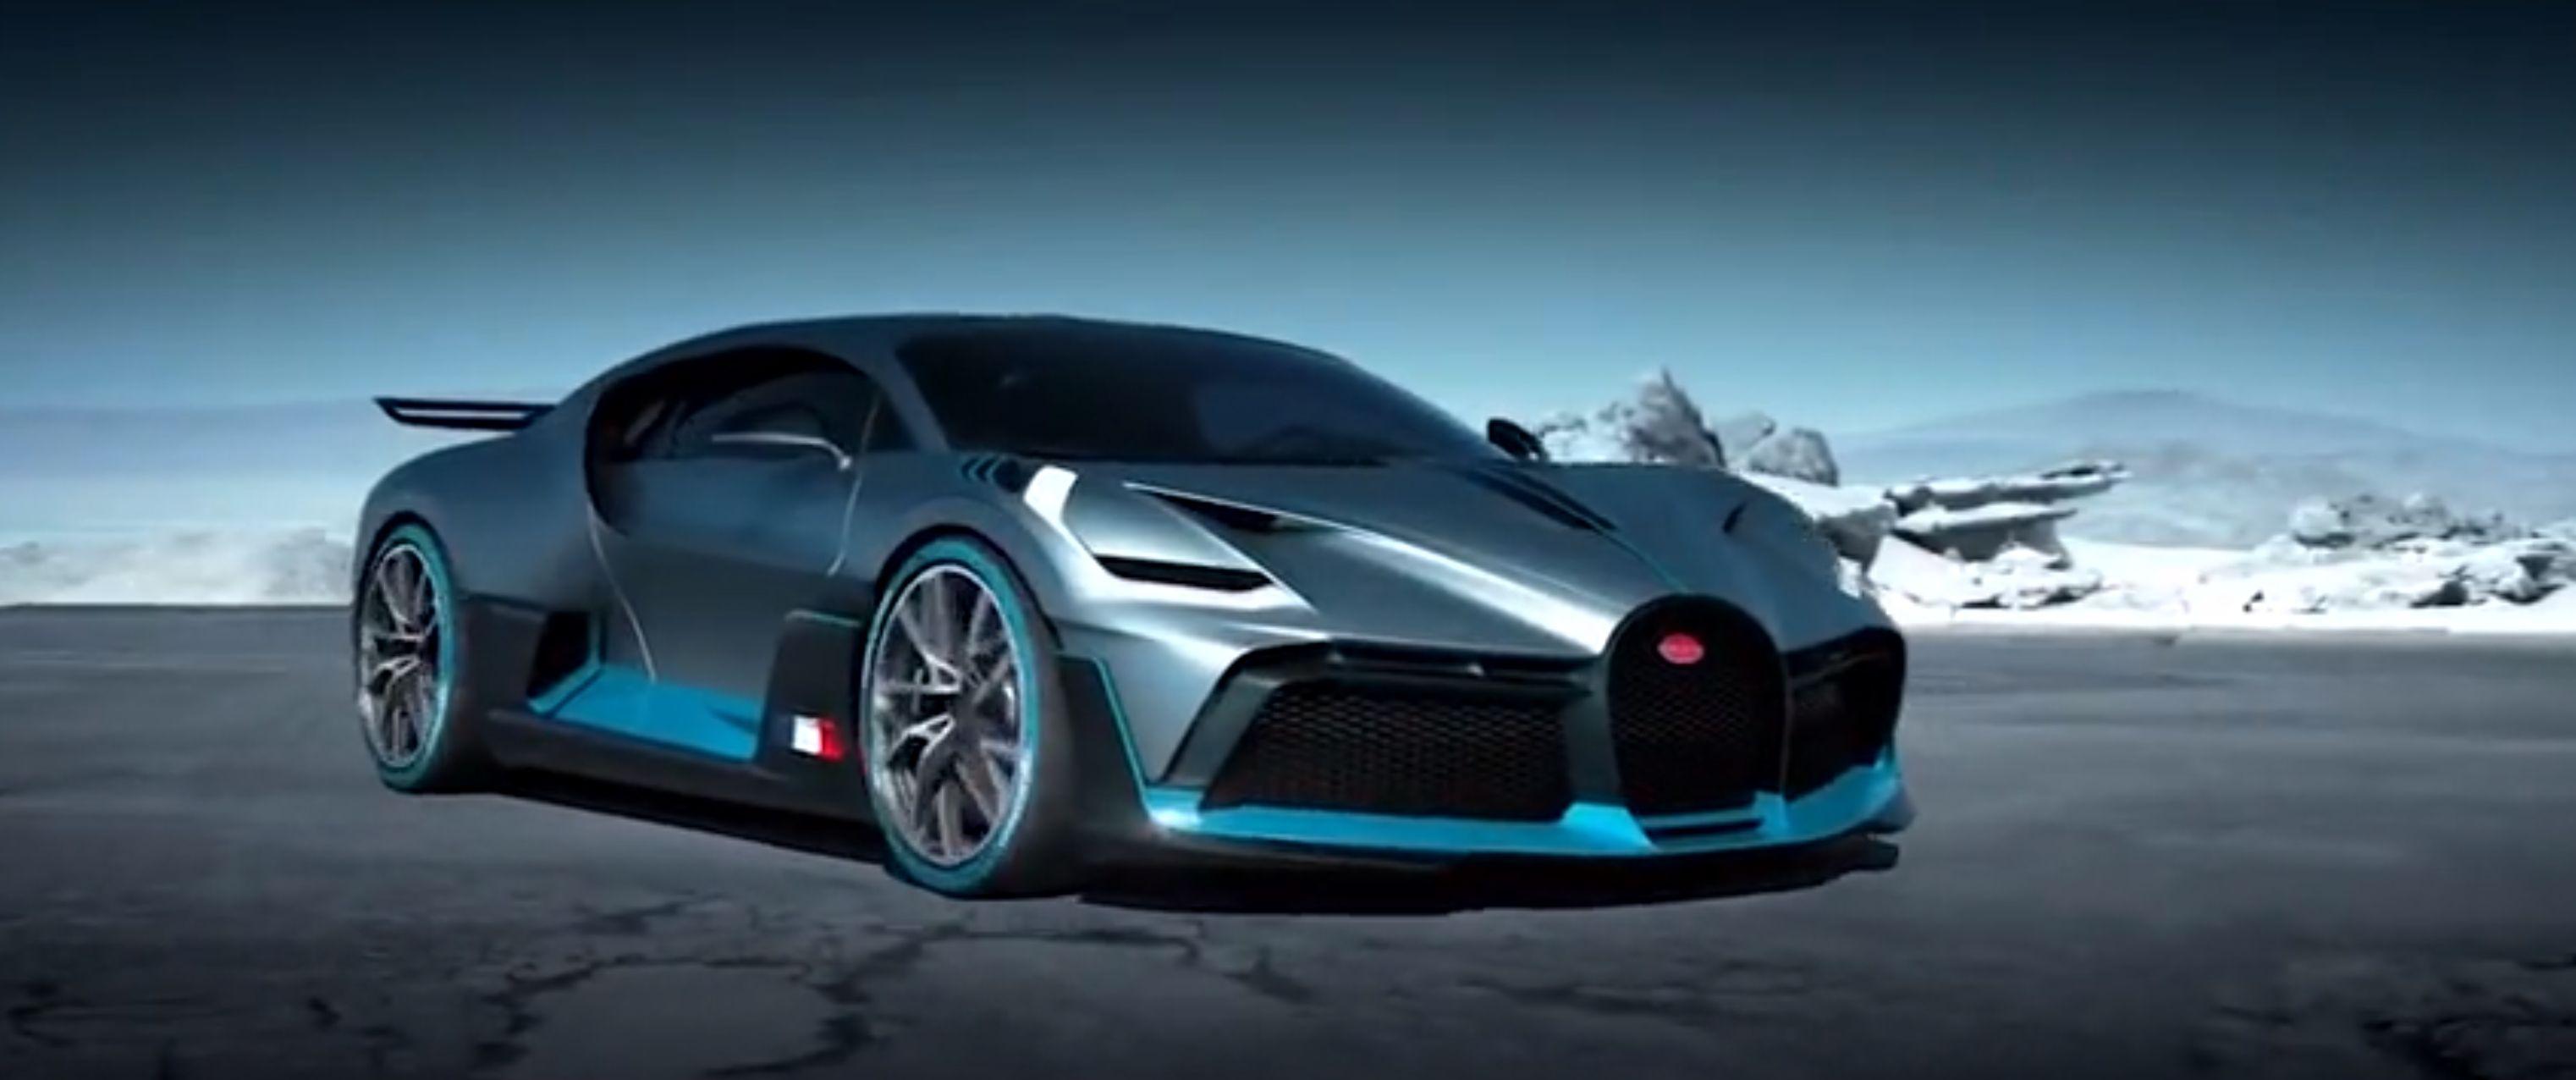 Bugatti Divo Bugatti Bugatti Chiron Car Videos